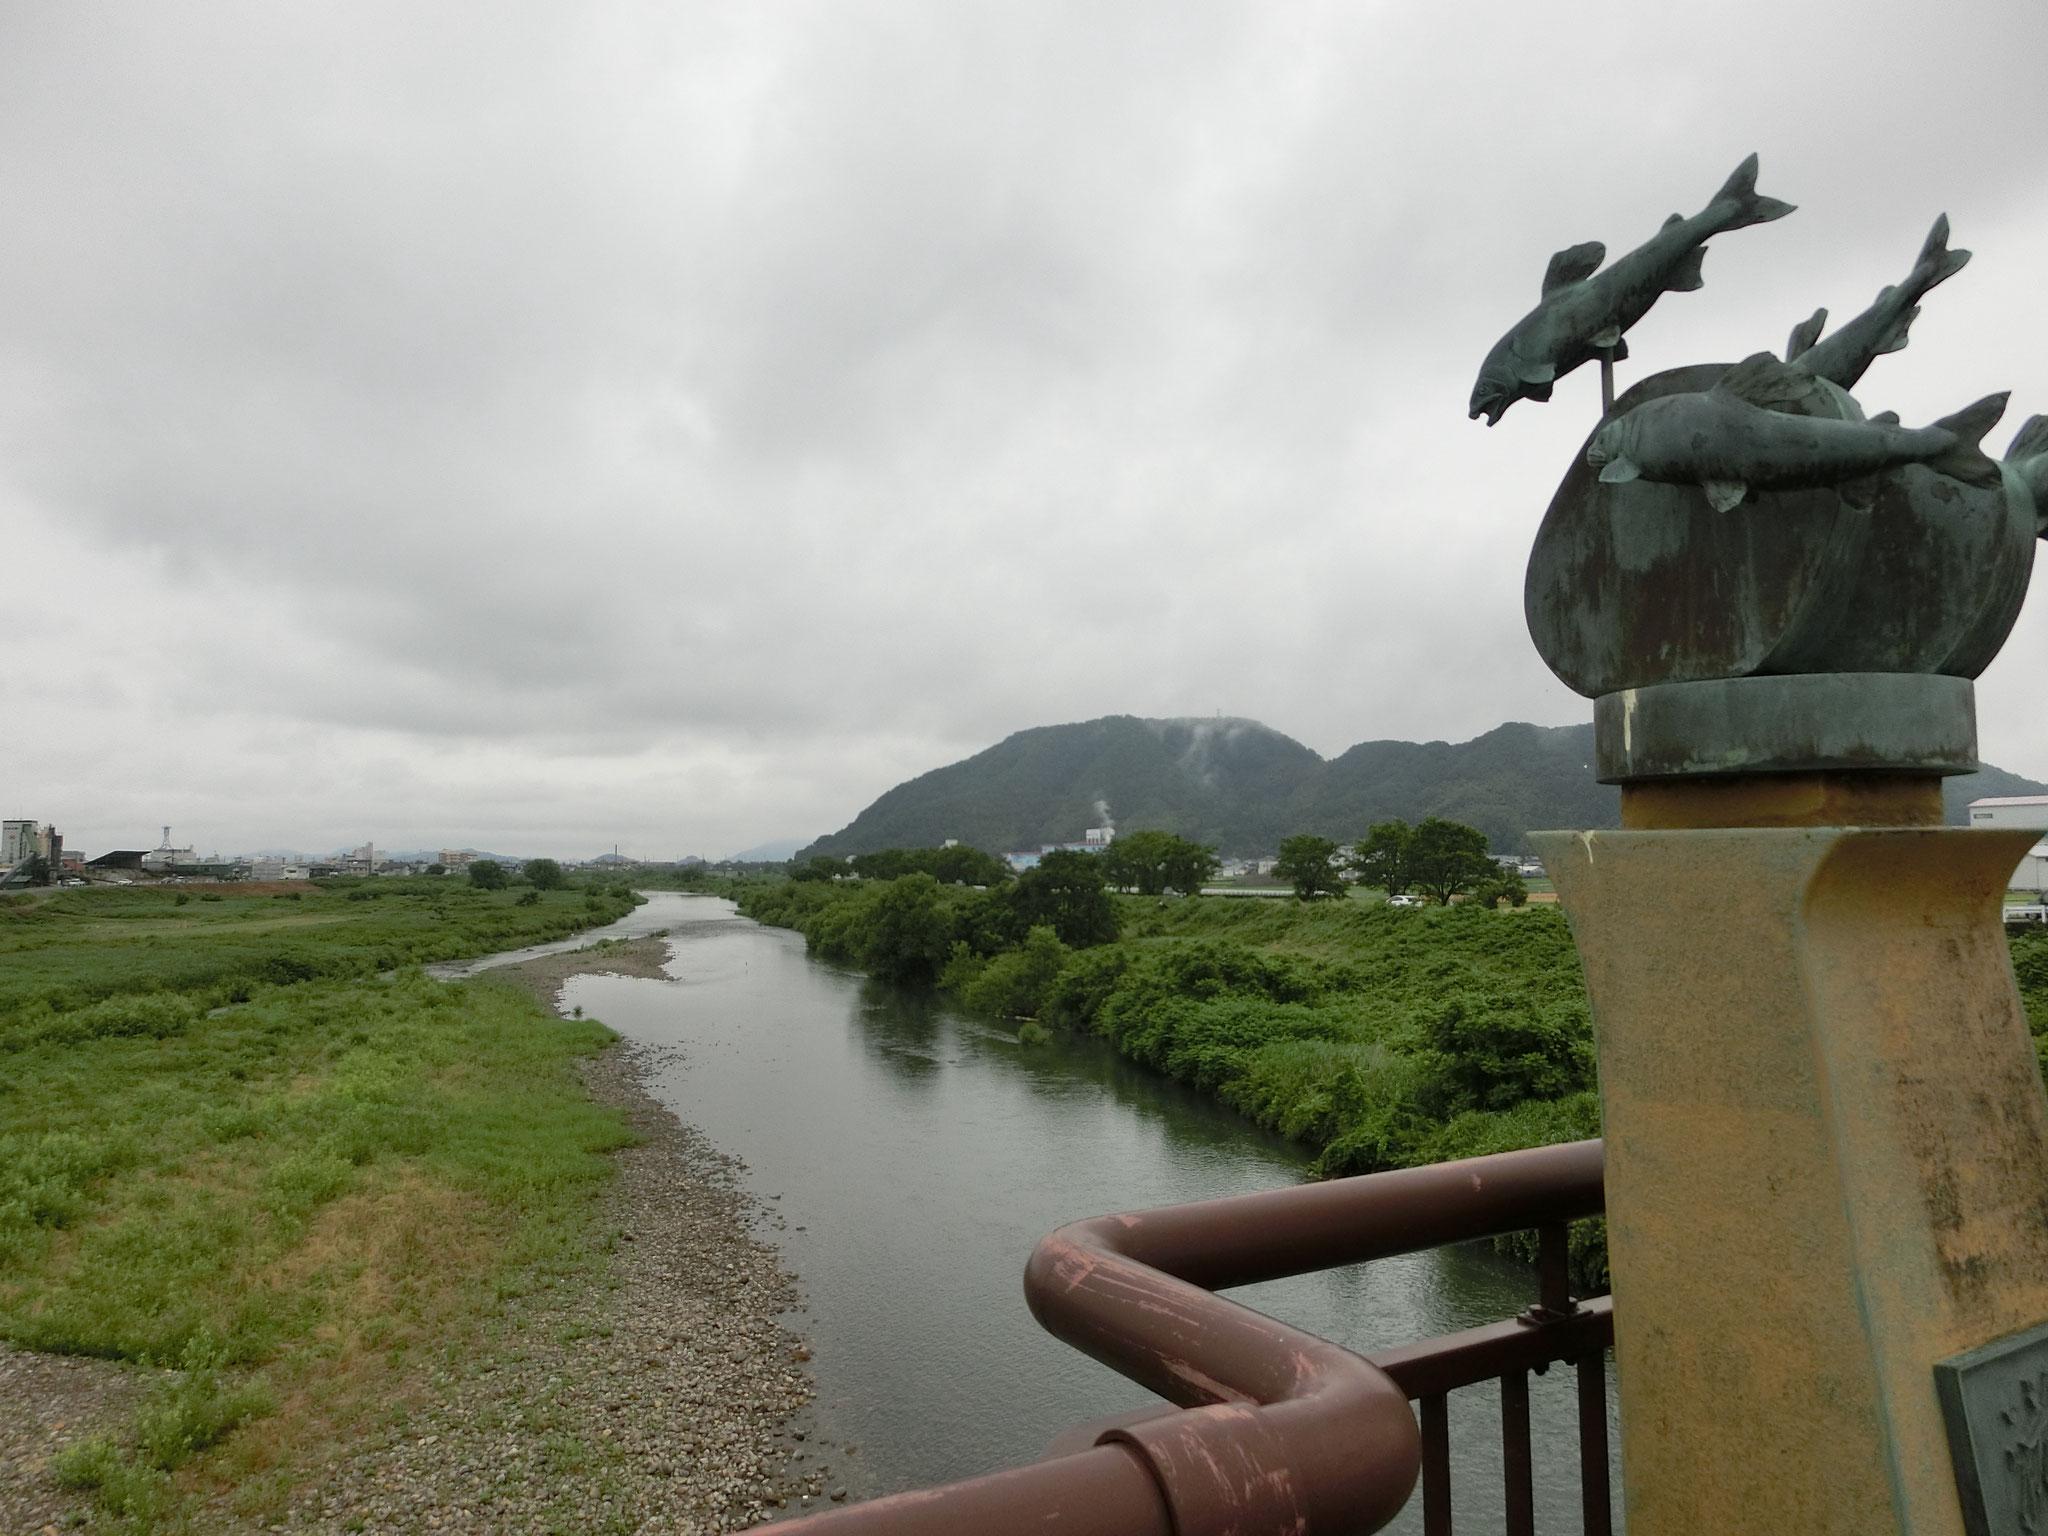 H28.5.30 8時30分 越前市 日野大橋下流